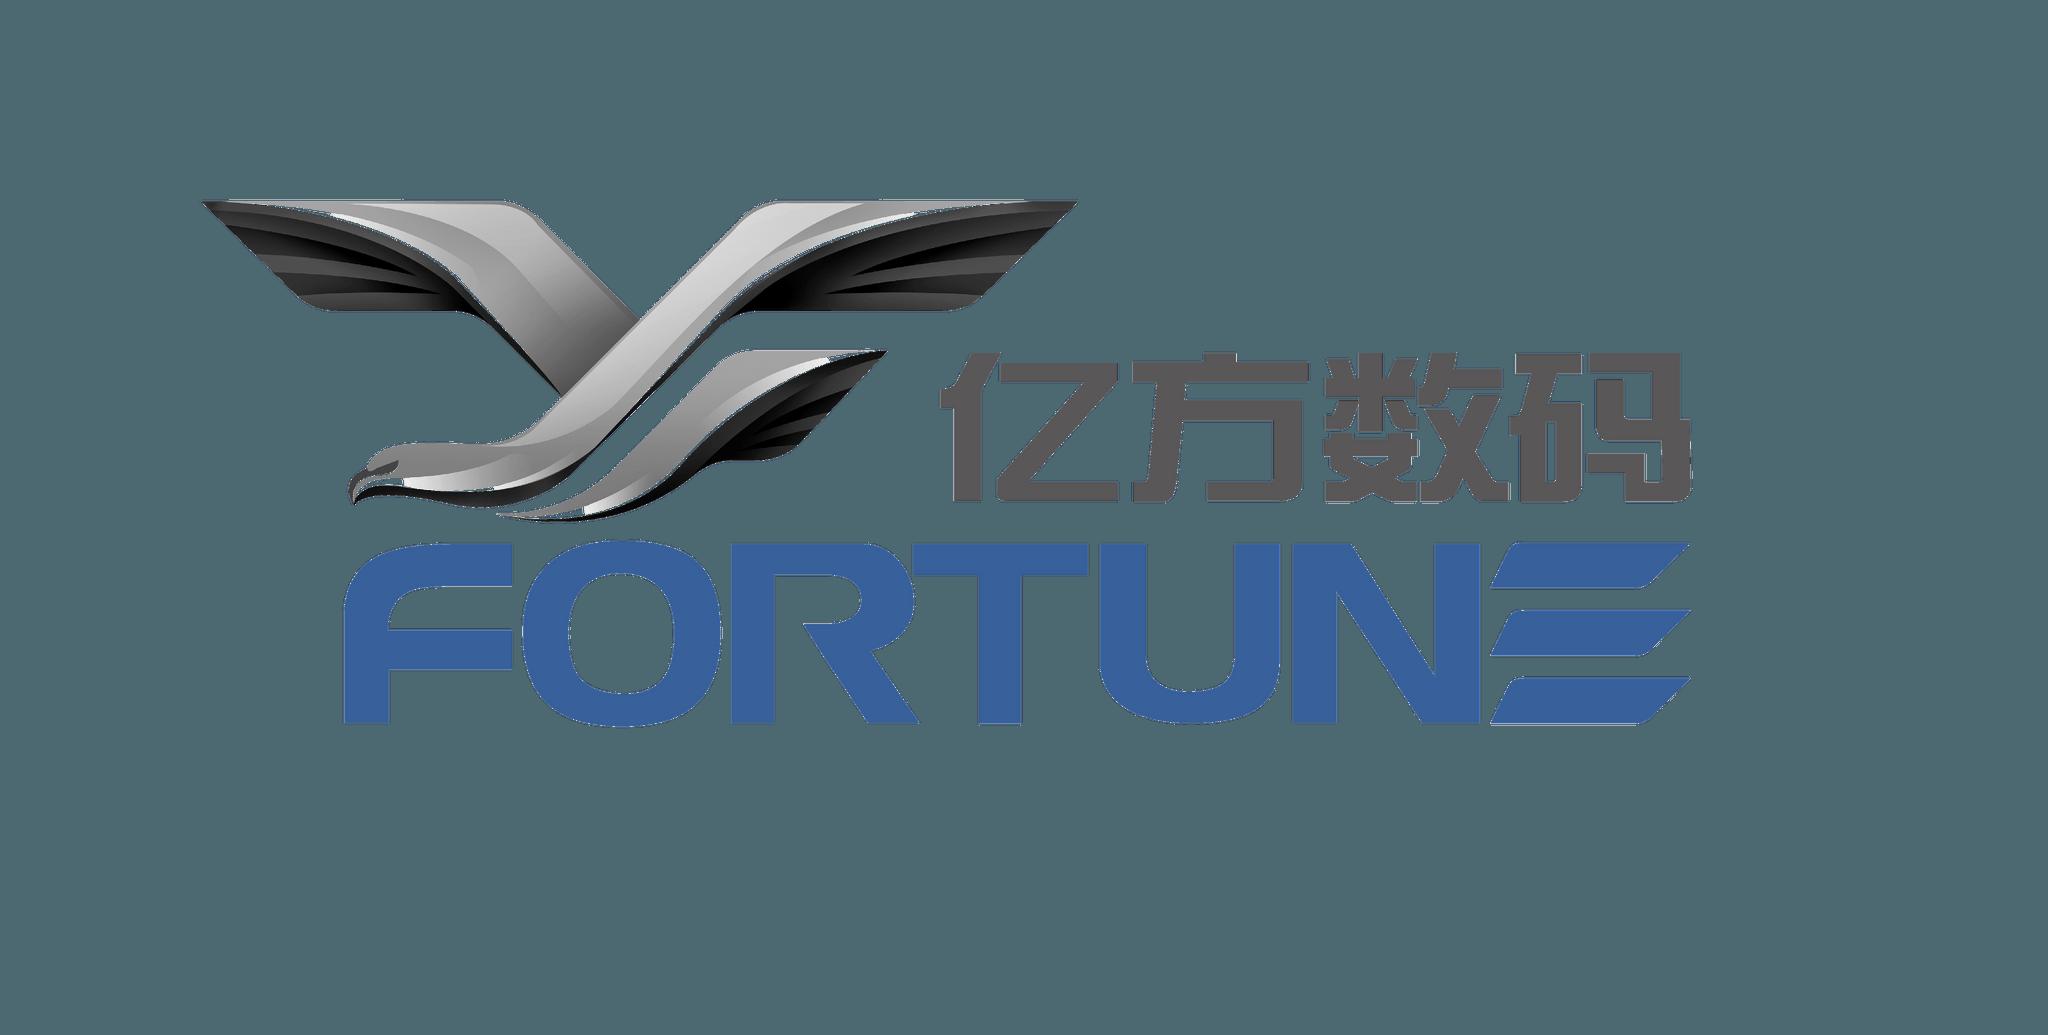 Dongguan Yifang Digital Technology Co.,Ltd